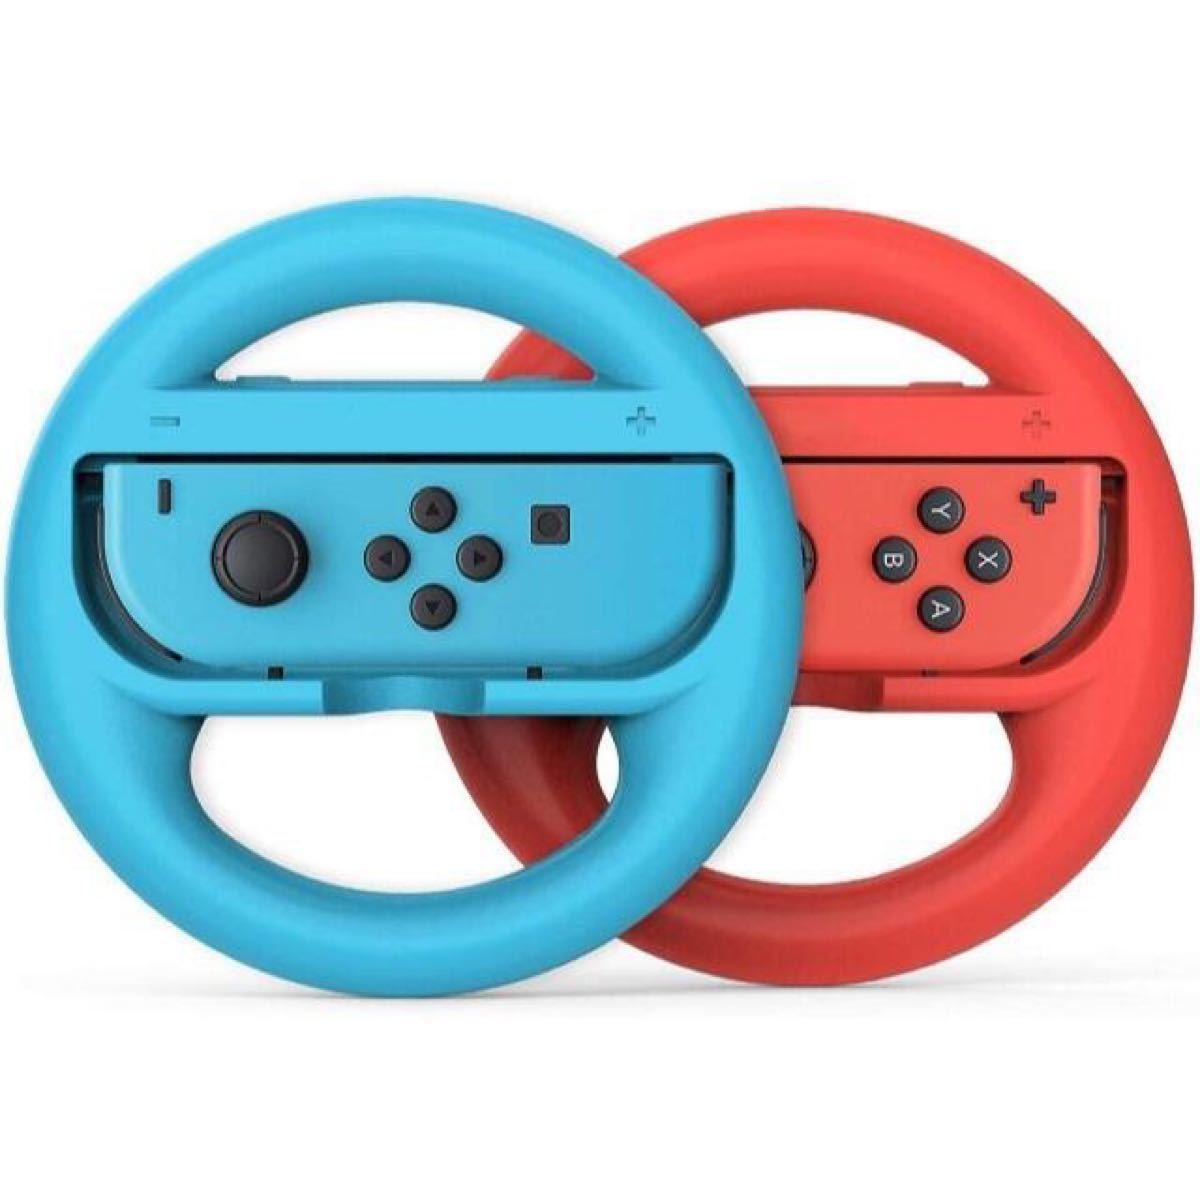 Joy-Conハンドル for Nintendo Switch マリオ switch Joy-Con用のハンドルアタッチメン